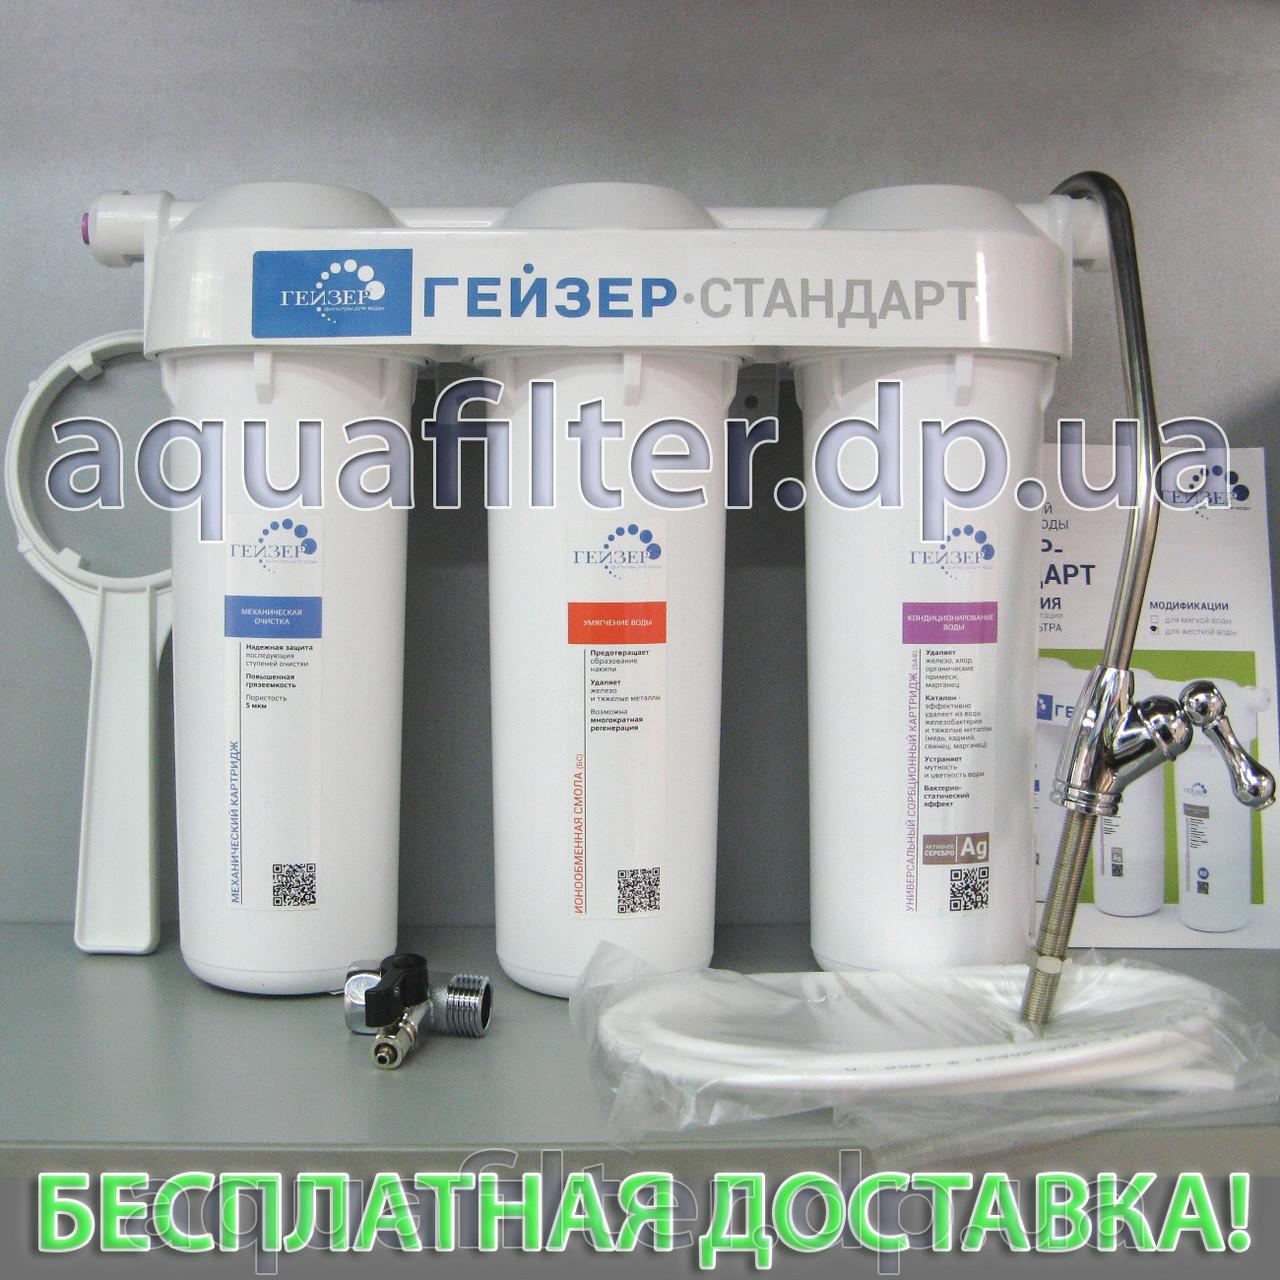 Тройная система очистки воды Гейзер Cтандарт